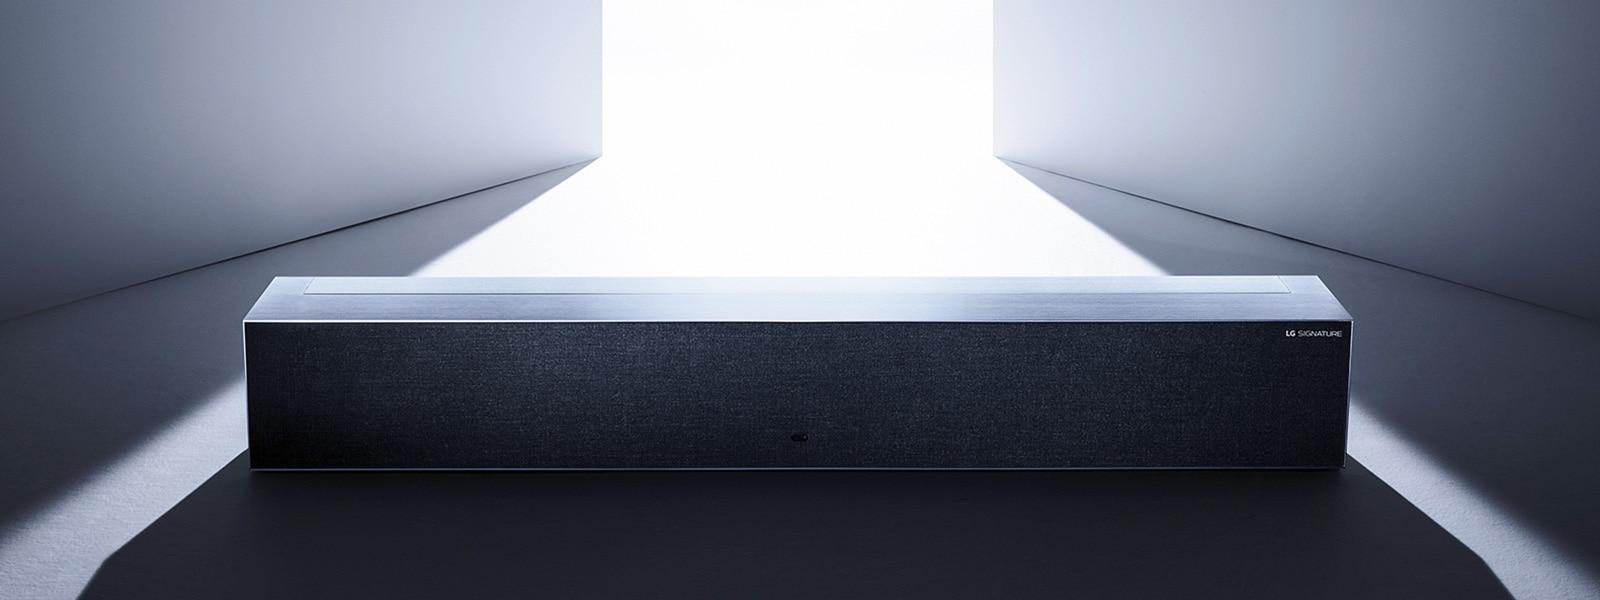 Изображение выкатного OLED-телевизора LG SIGNATURE в нулевом виде в сером пространстве.